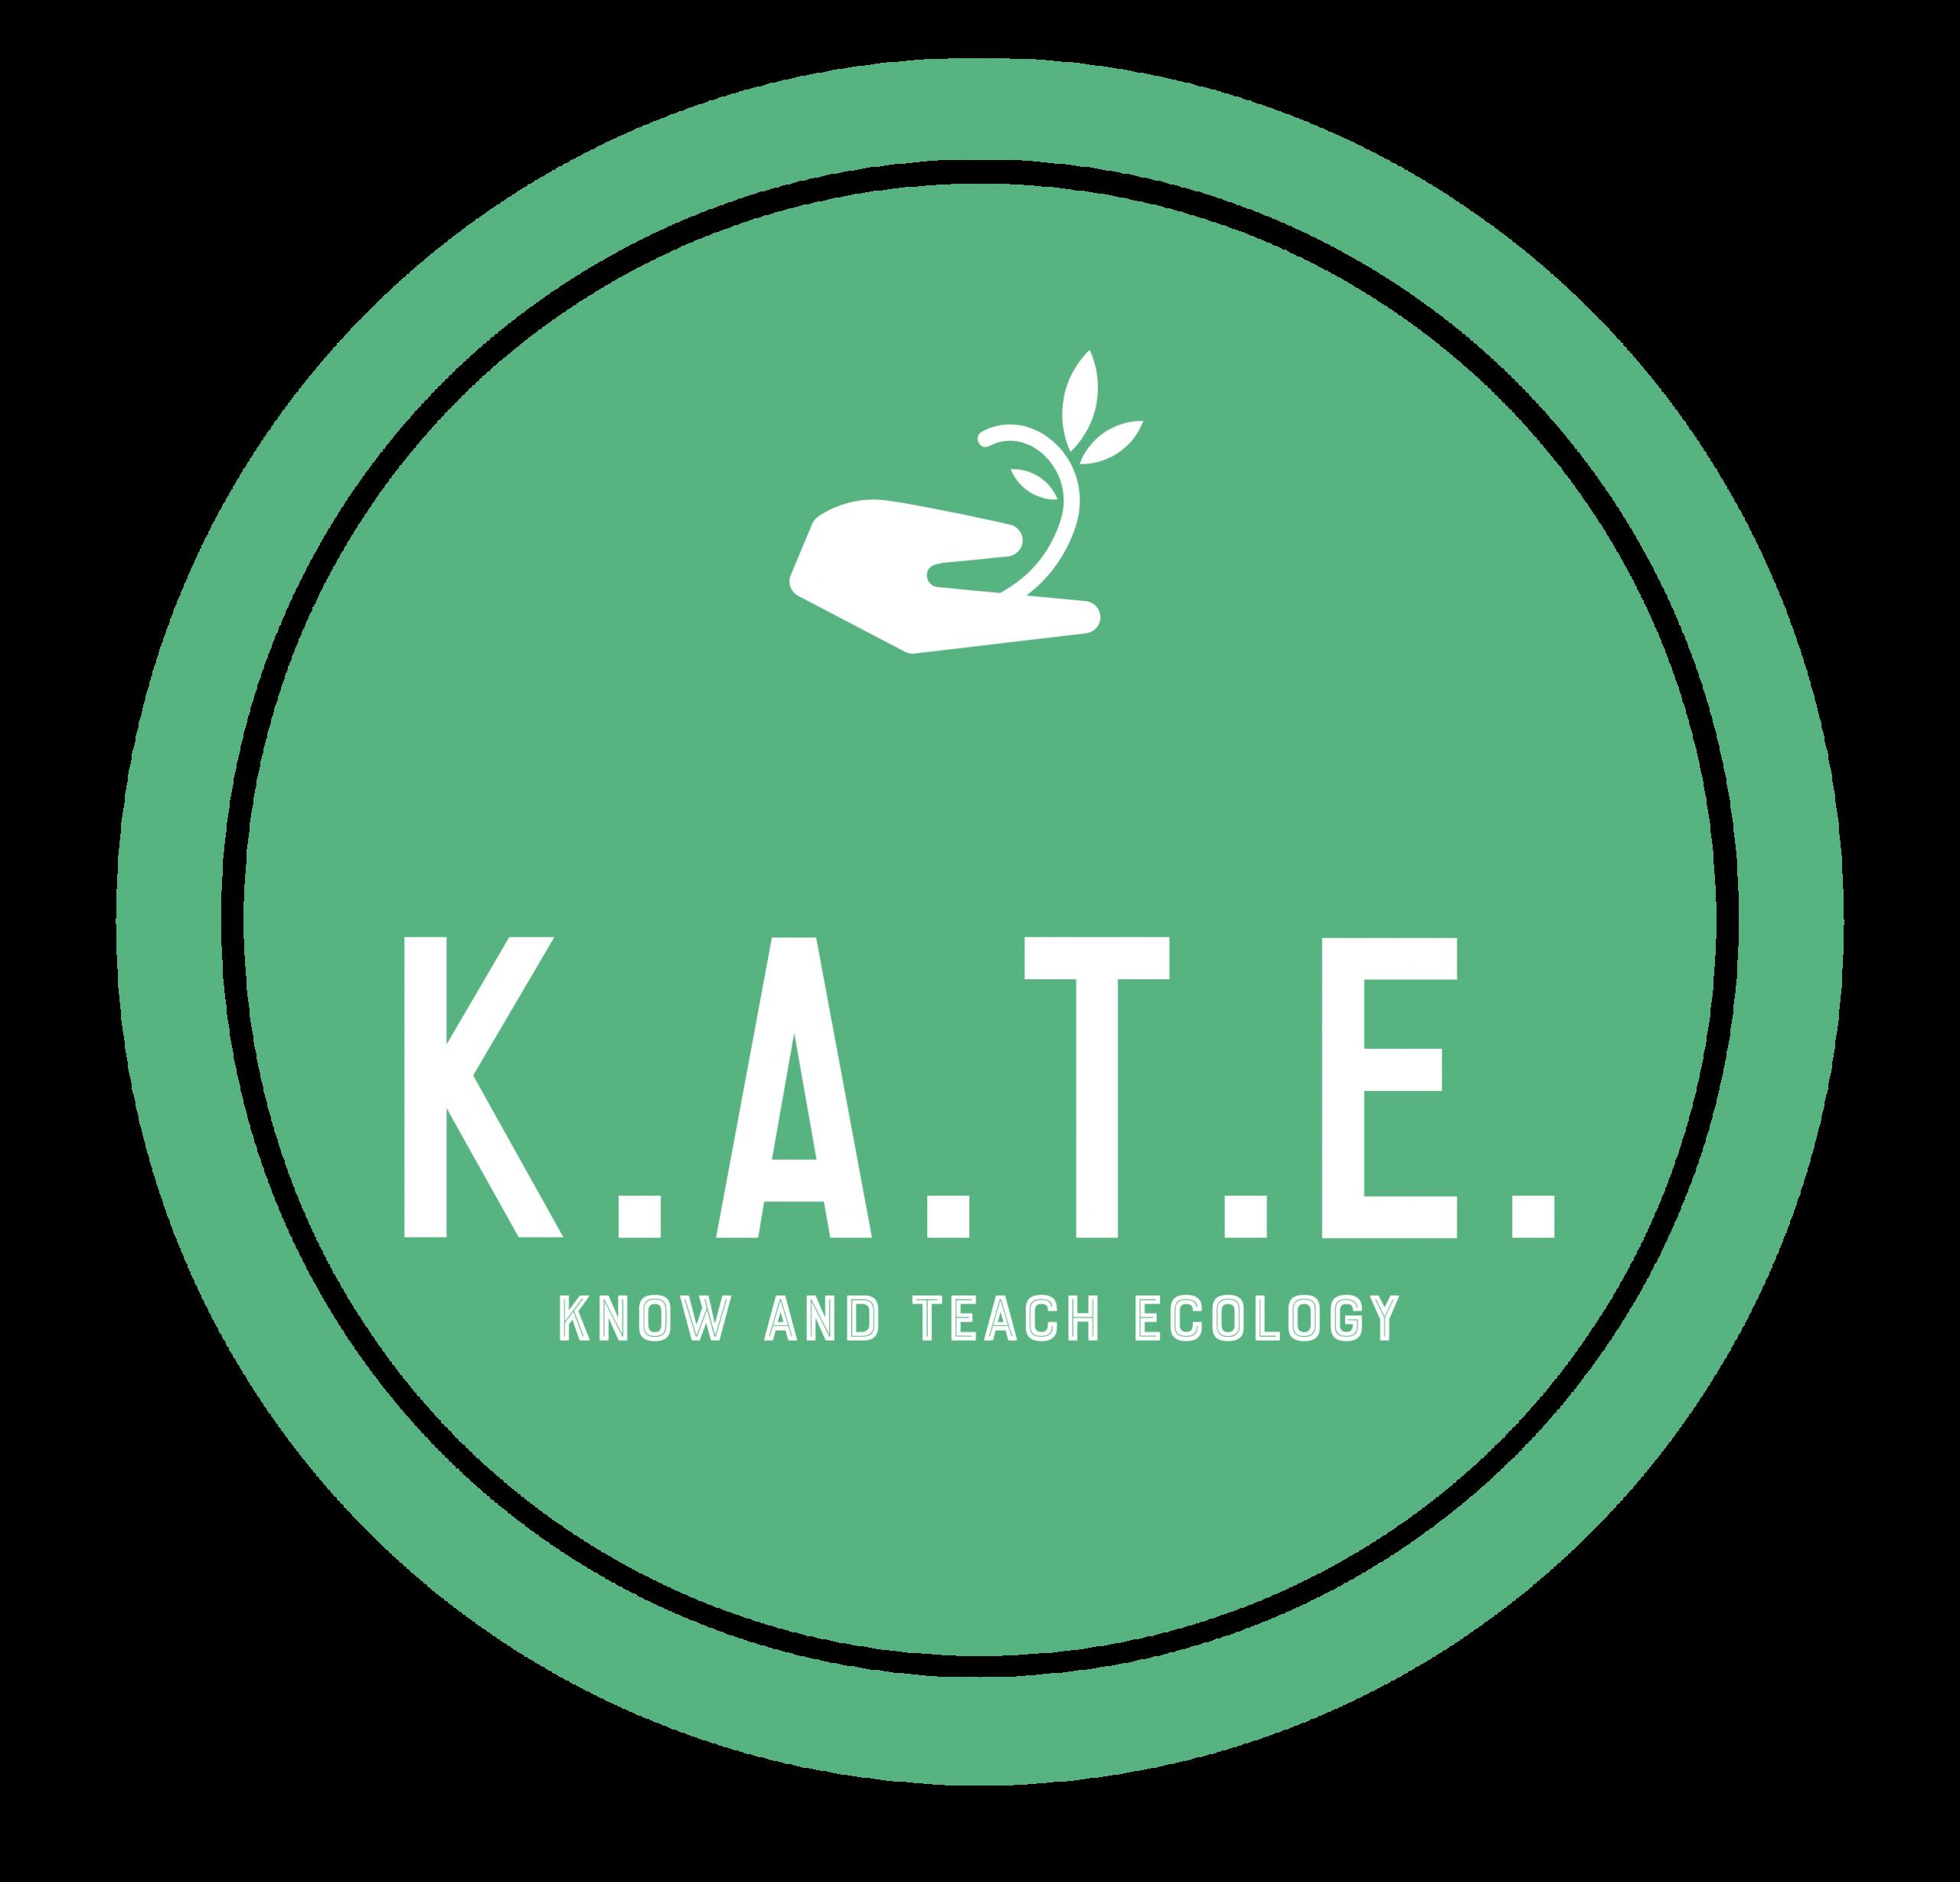 logo K.A.T.E